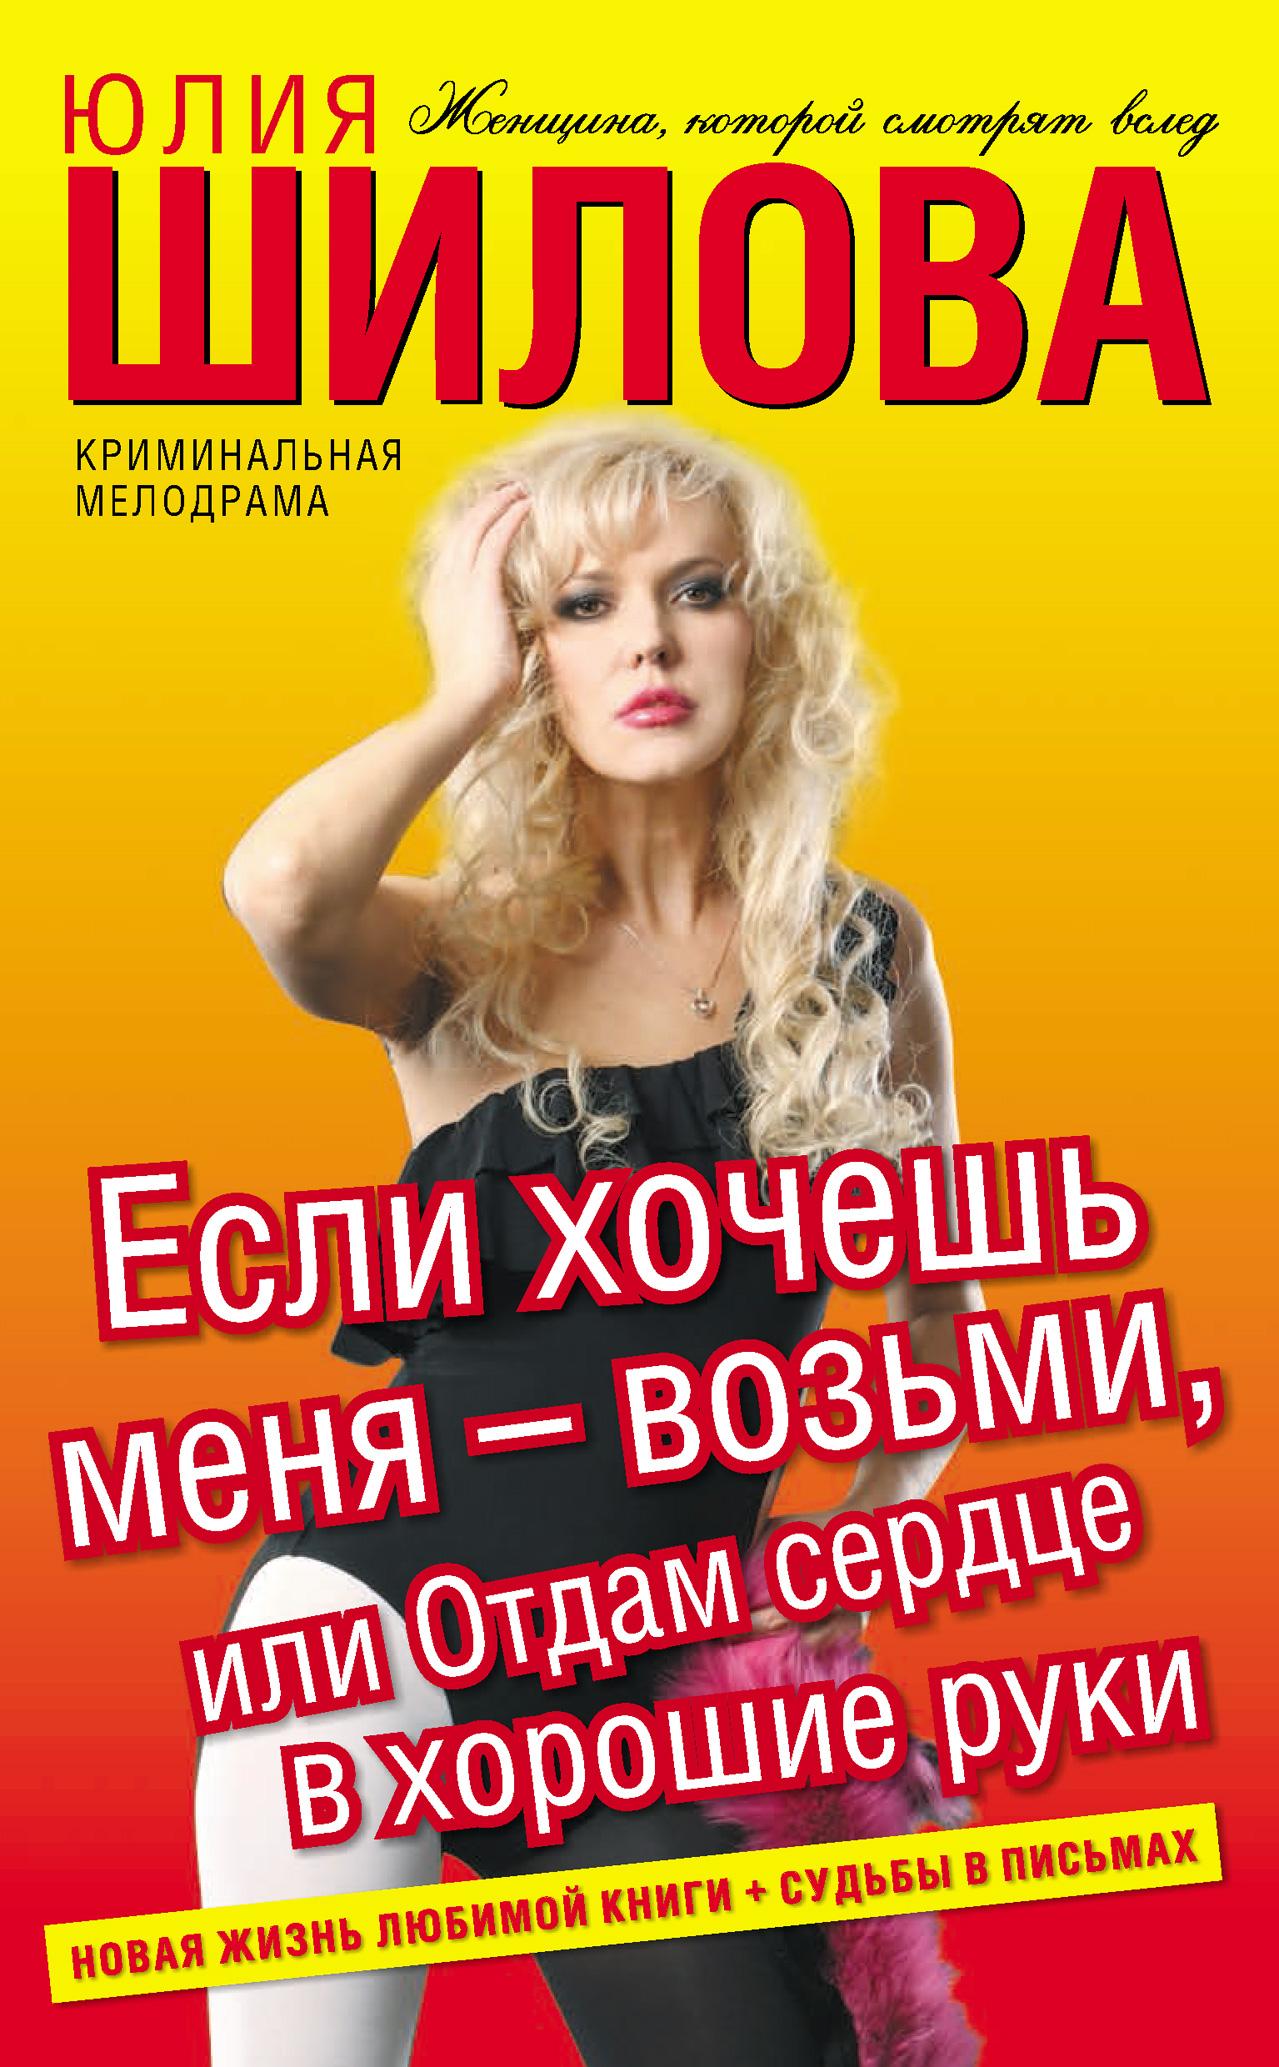 Юлия Шилова Если хочешь меня – возьми, или Отдам сердце в хорошие руки тахирова м ищу мужа русских не предлагать